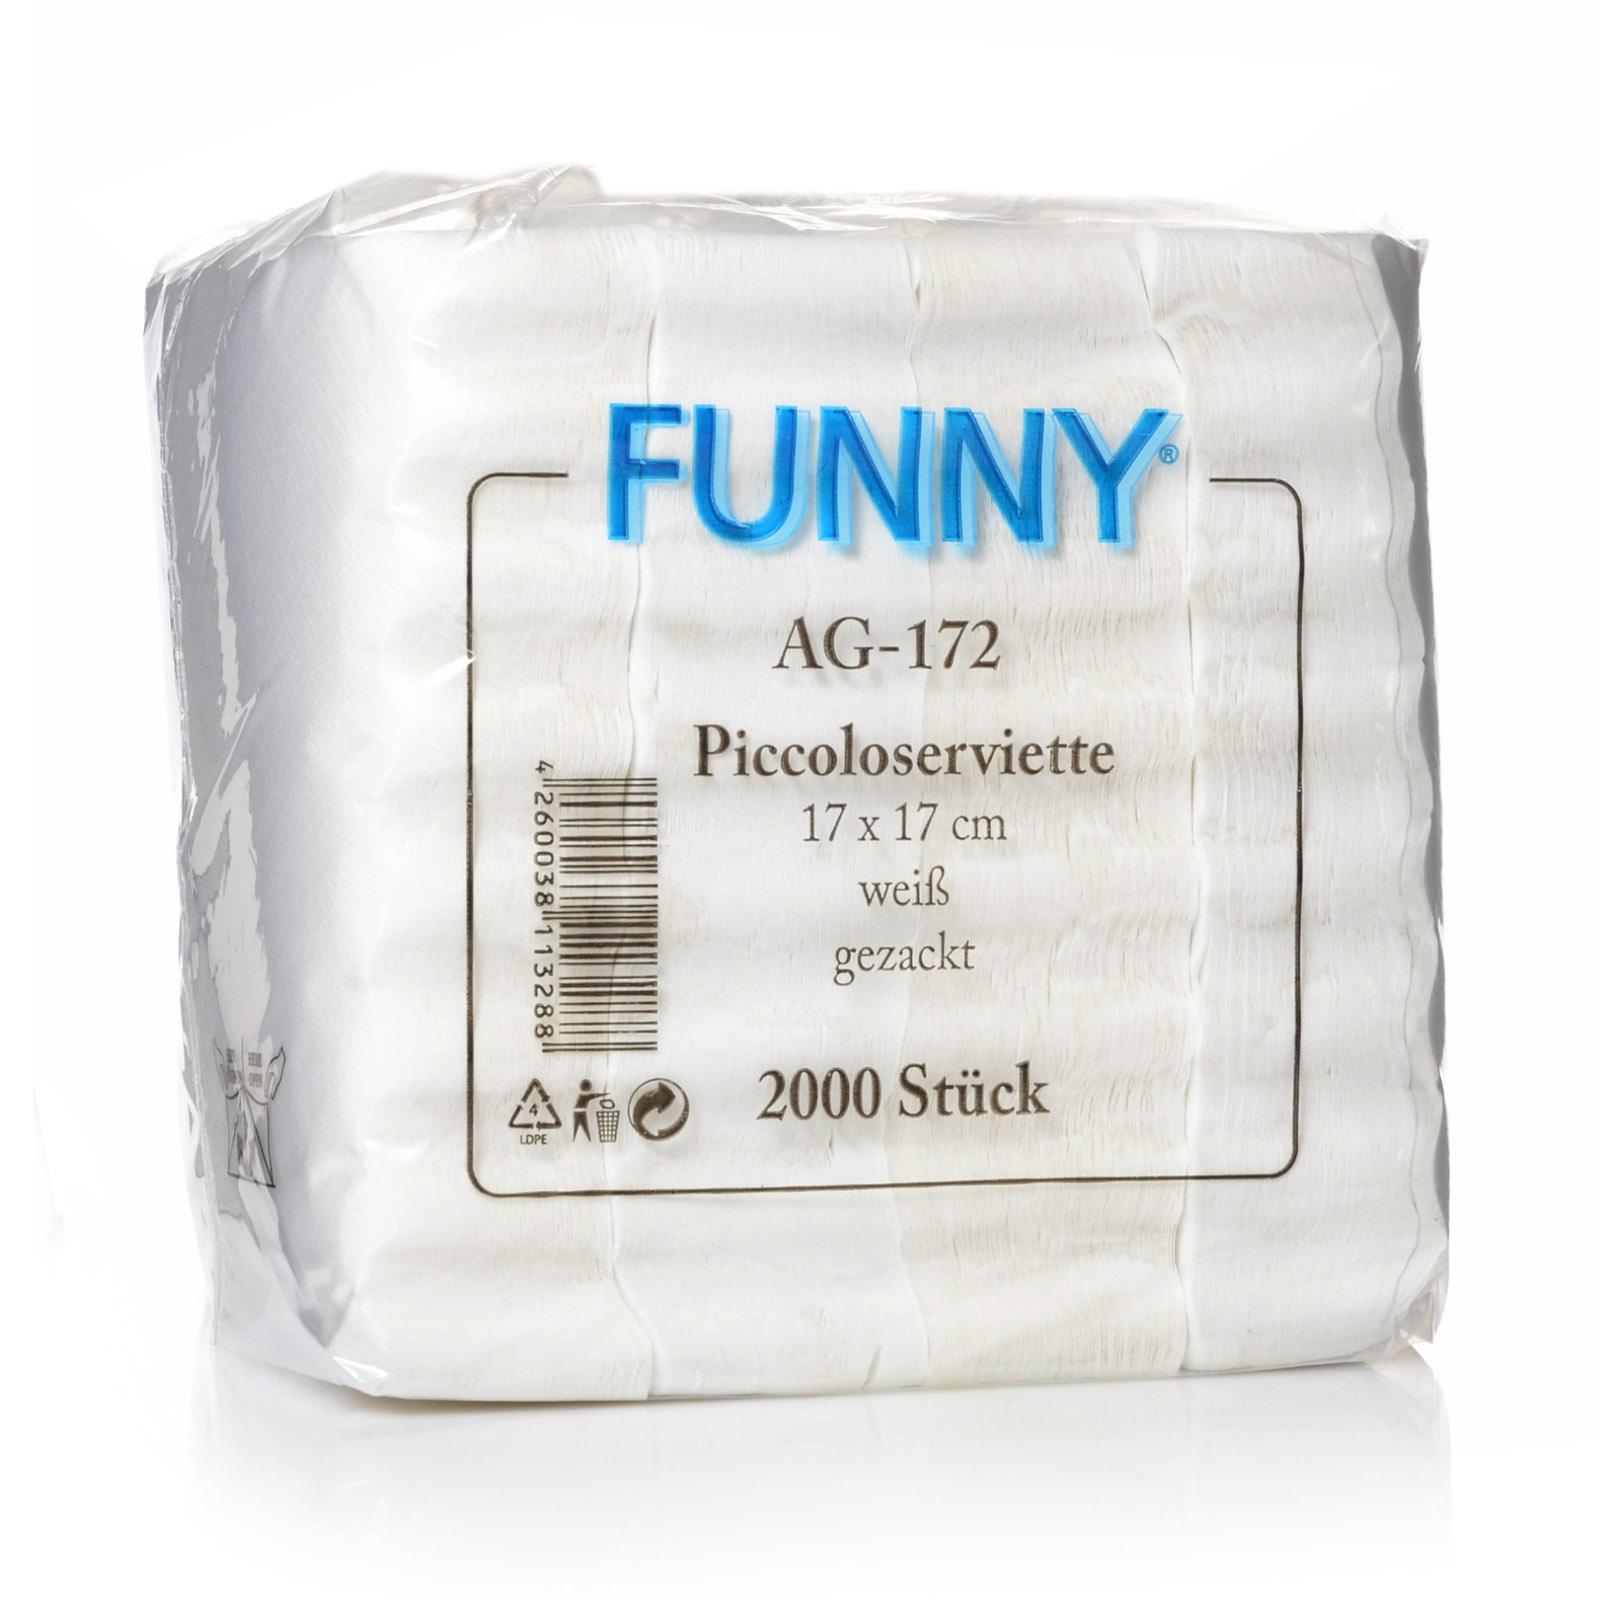 Funny Piccoloservietten 17 x 17 cm, weiß 10 x 2000 gezackt